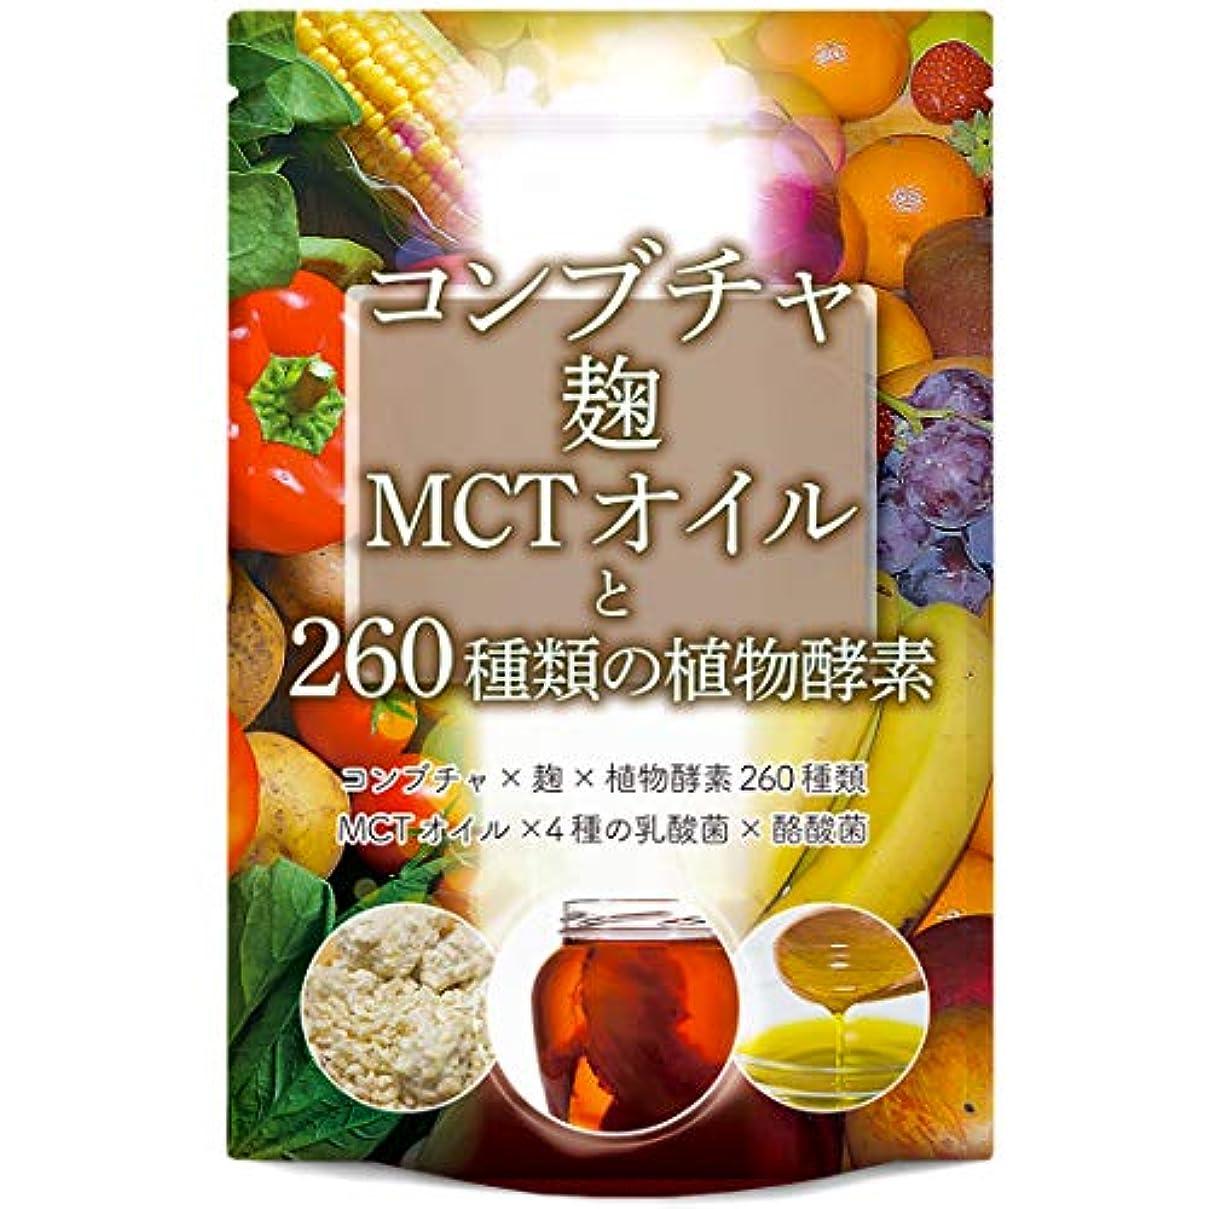 青甘やかす主張コンブチャ 麹 MCTオイル 260種類の植物酵素 ダイエット サプリメント 30粒 30日分